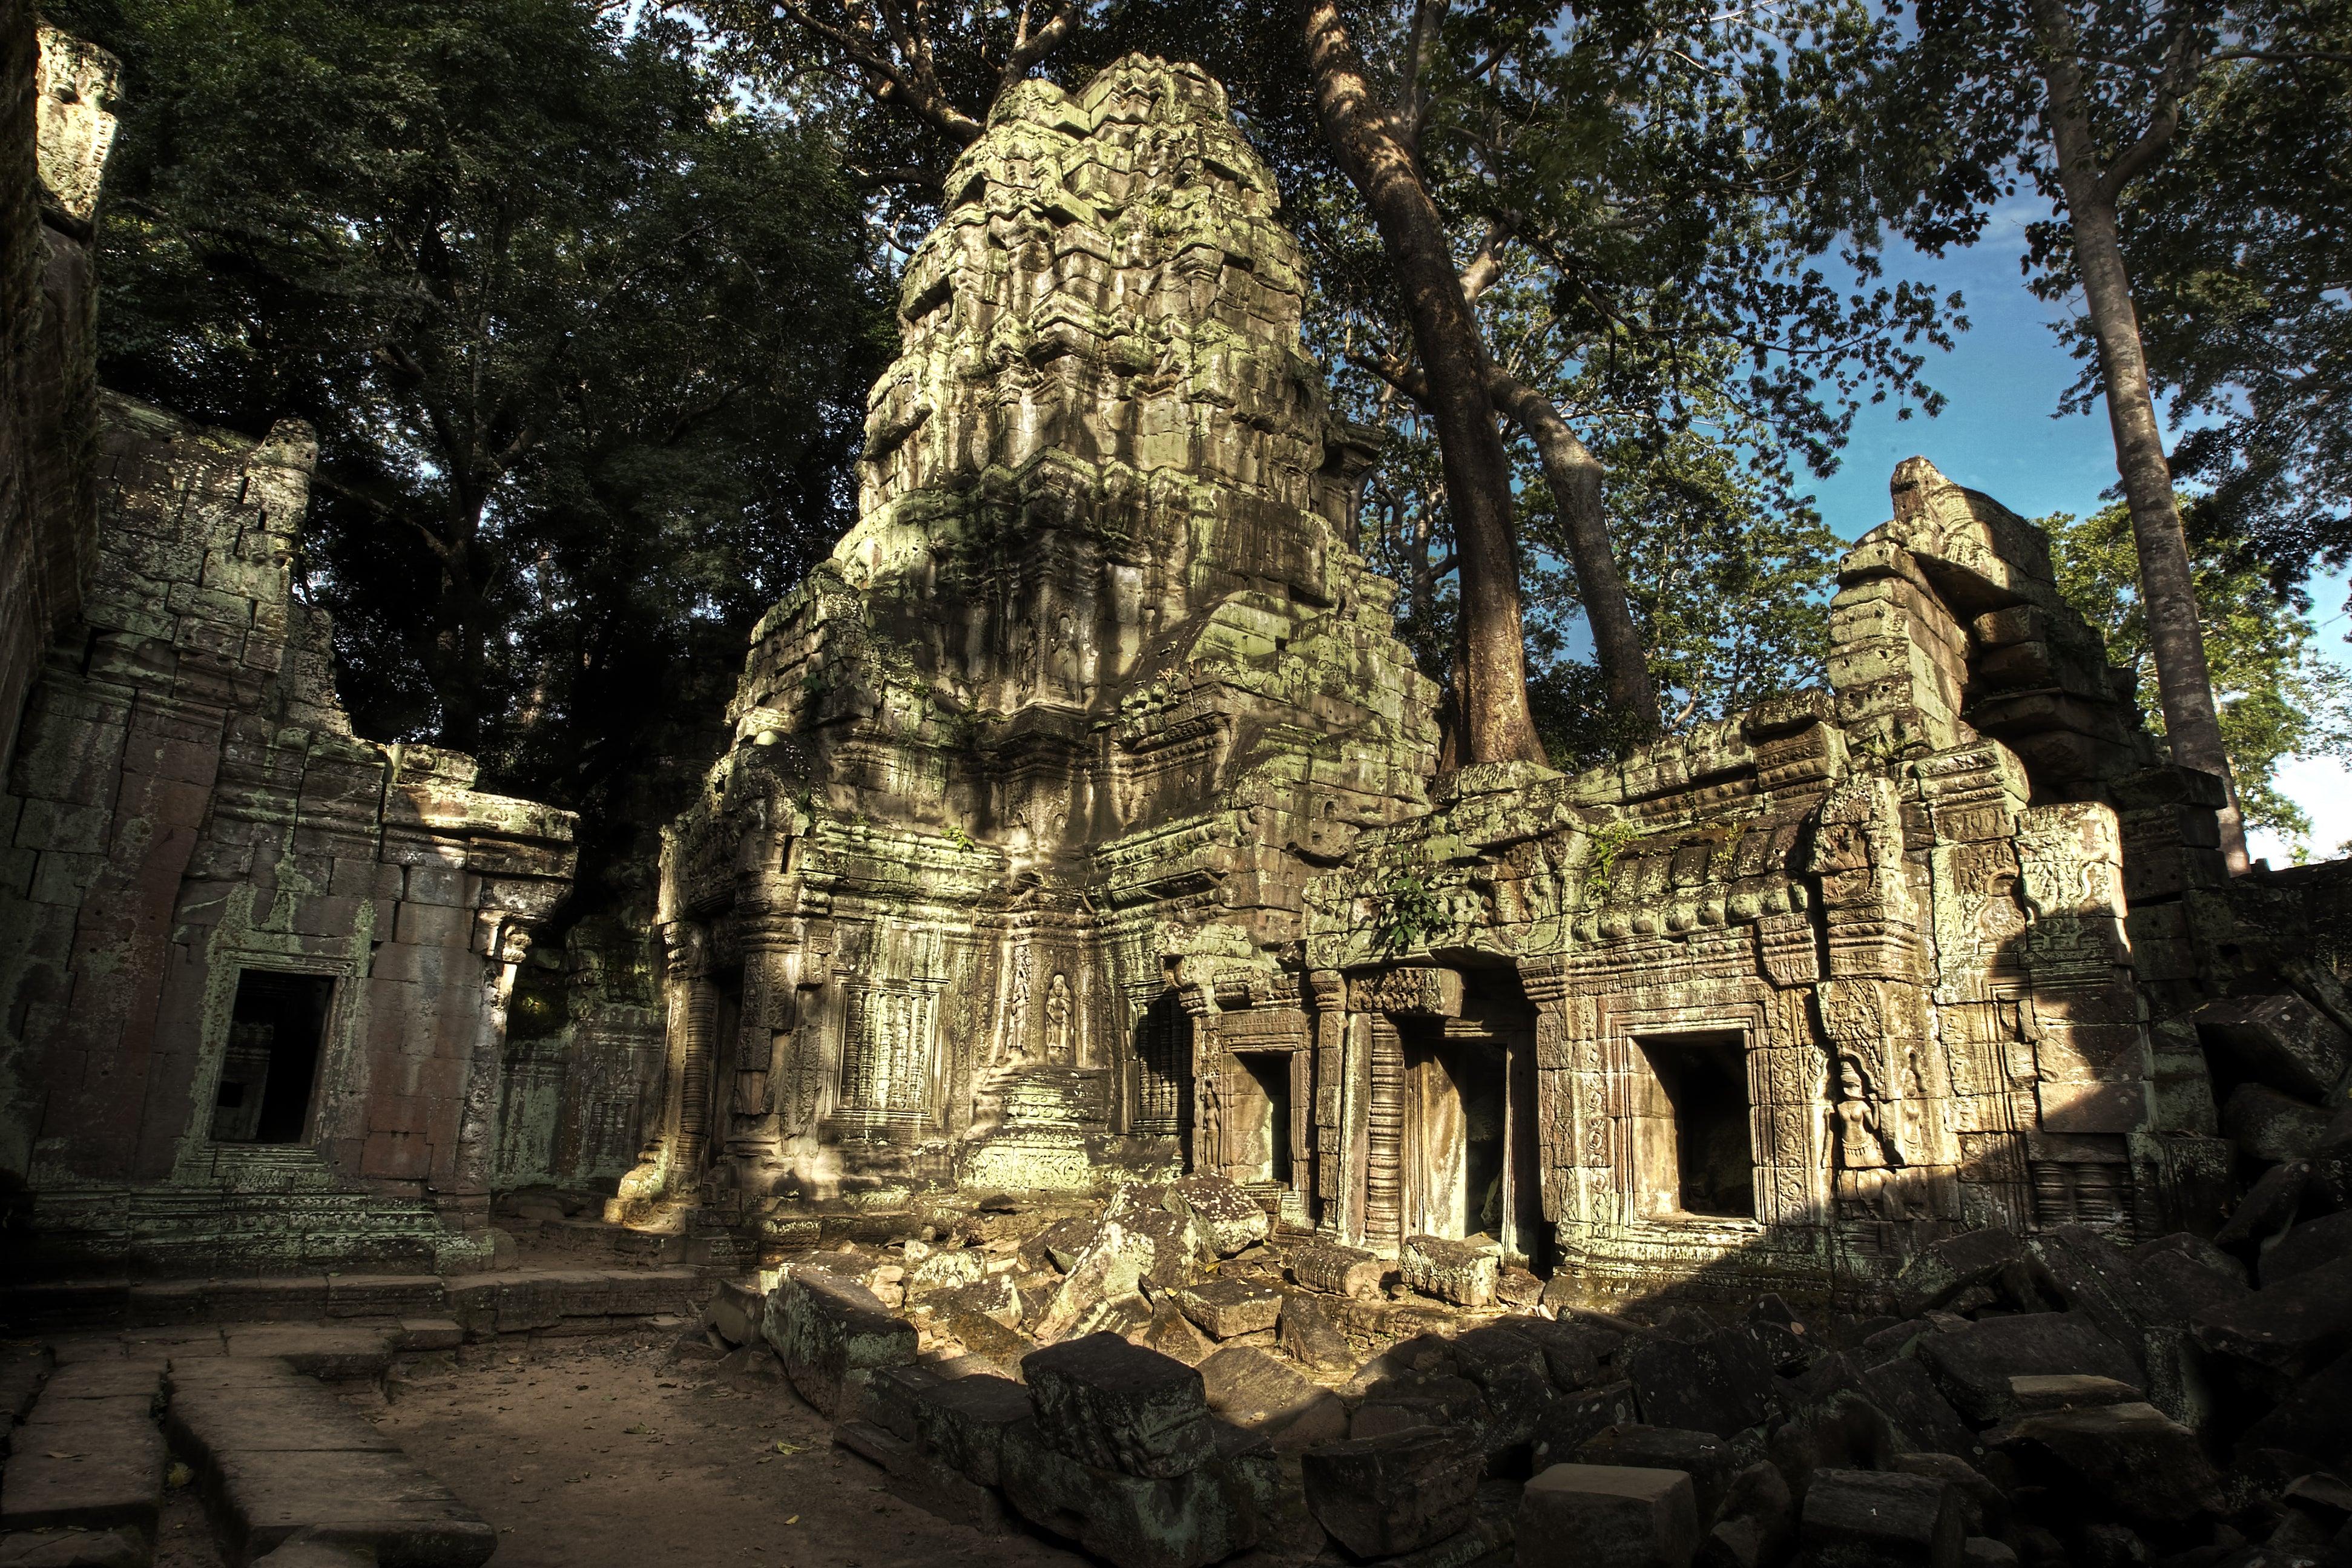 Laser-Scanning Tech Reveals Hidden Cities in Cambodia